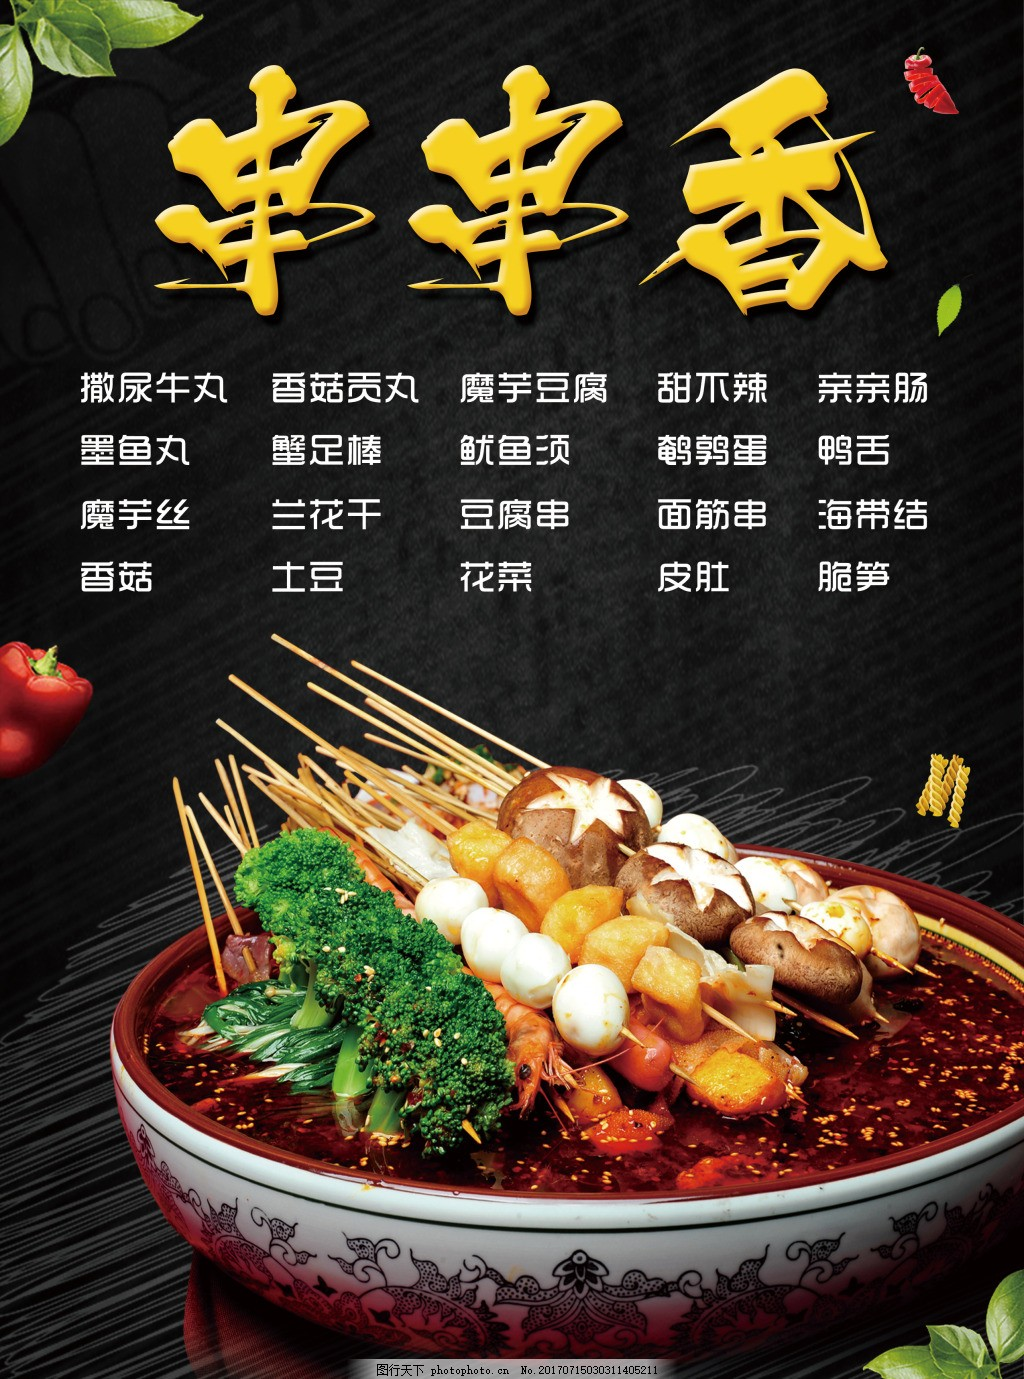 串串香美食菜单海报 麻辣 食品 菜品图片